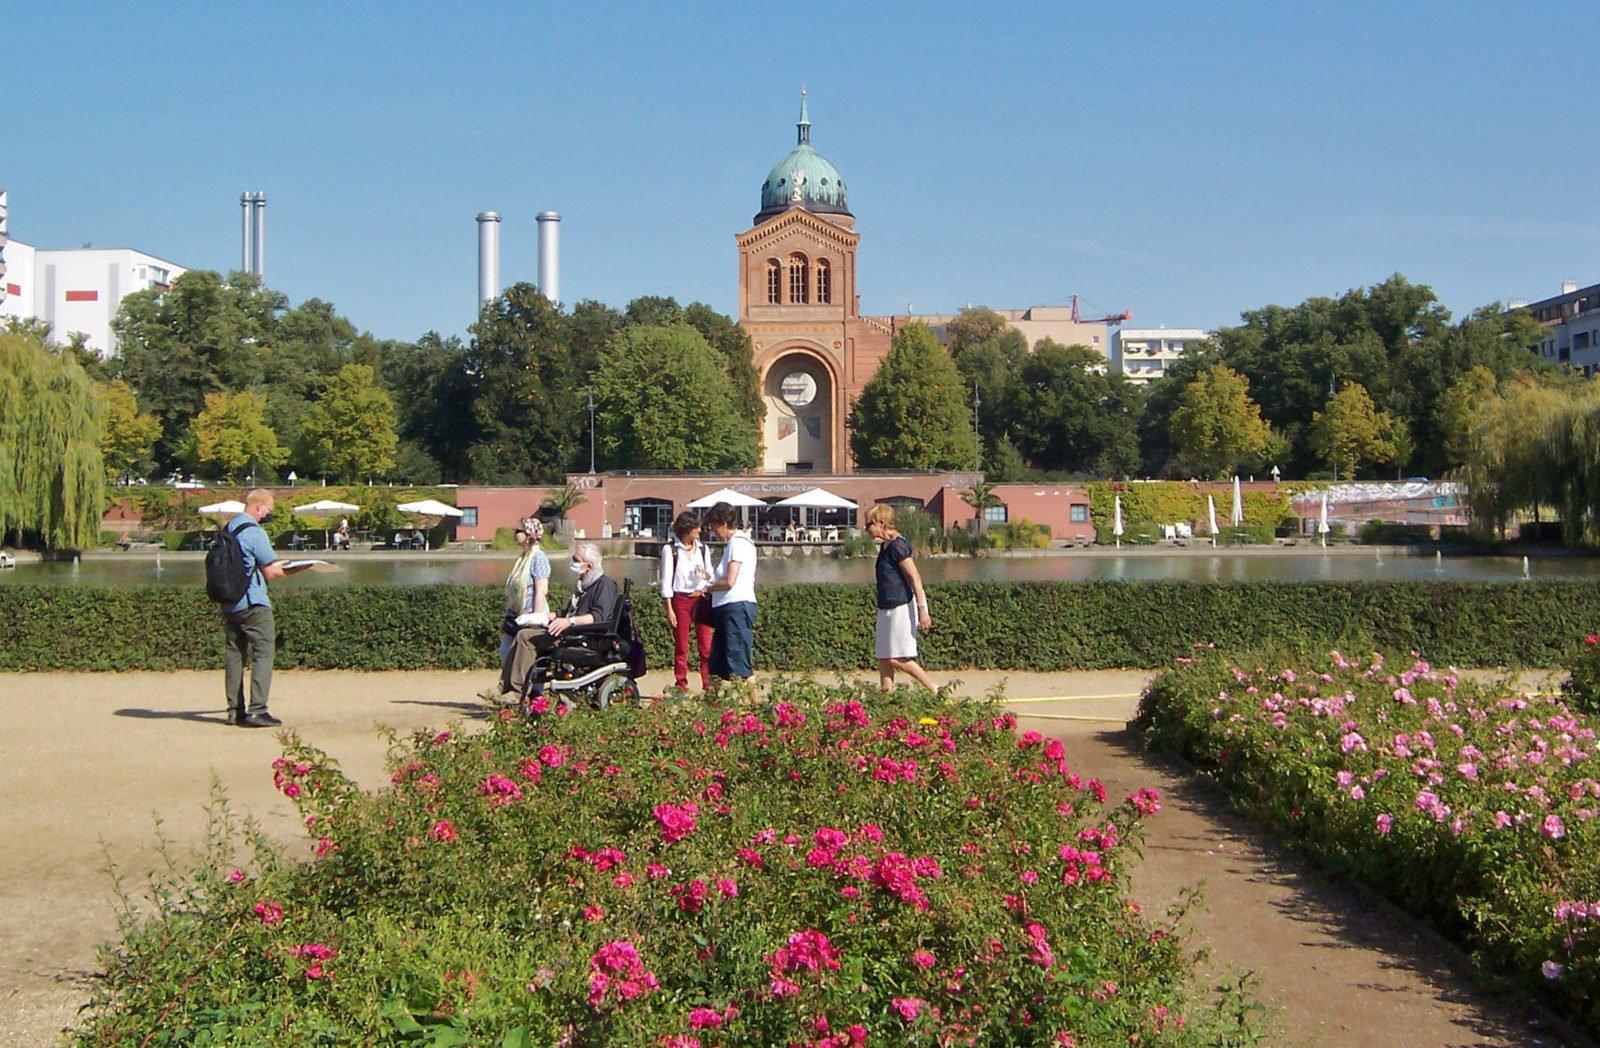 Blumenbeete am Luisenstädtischen Kanal mit einer Spaziergruppe im Rolli